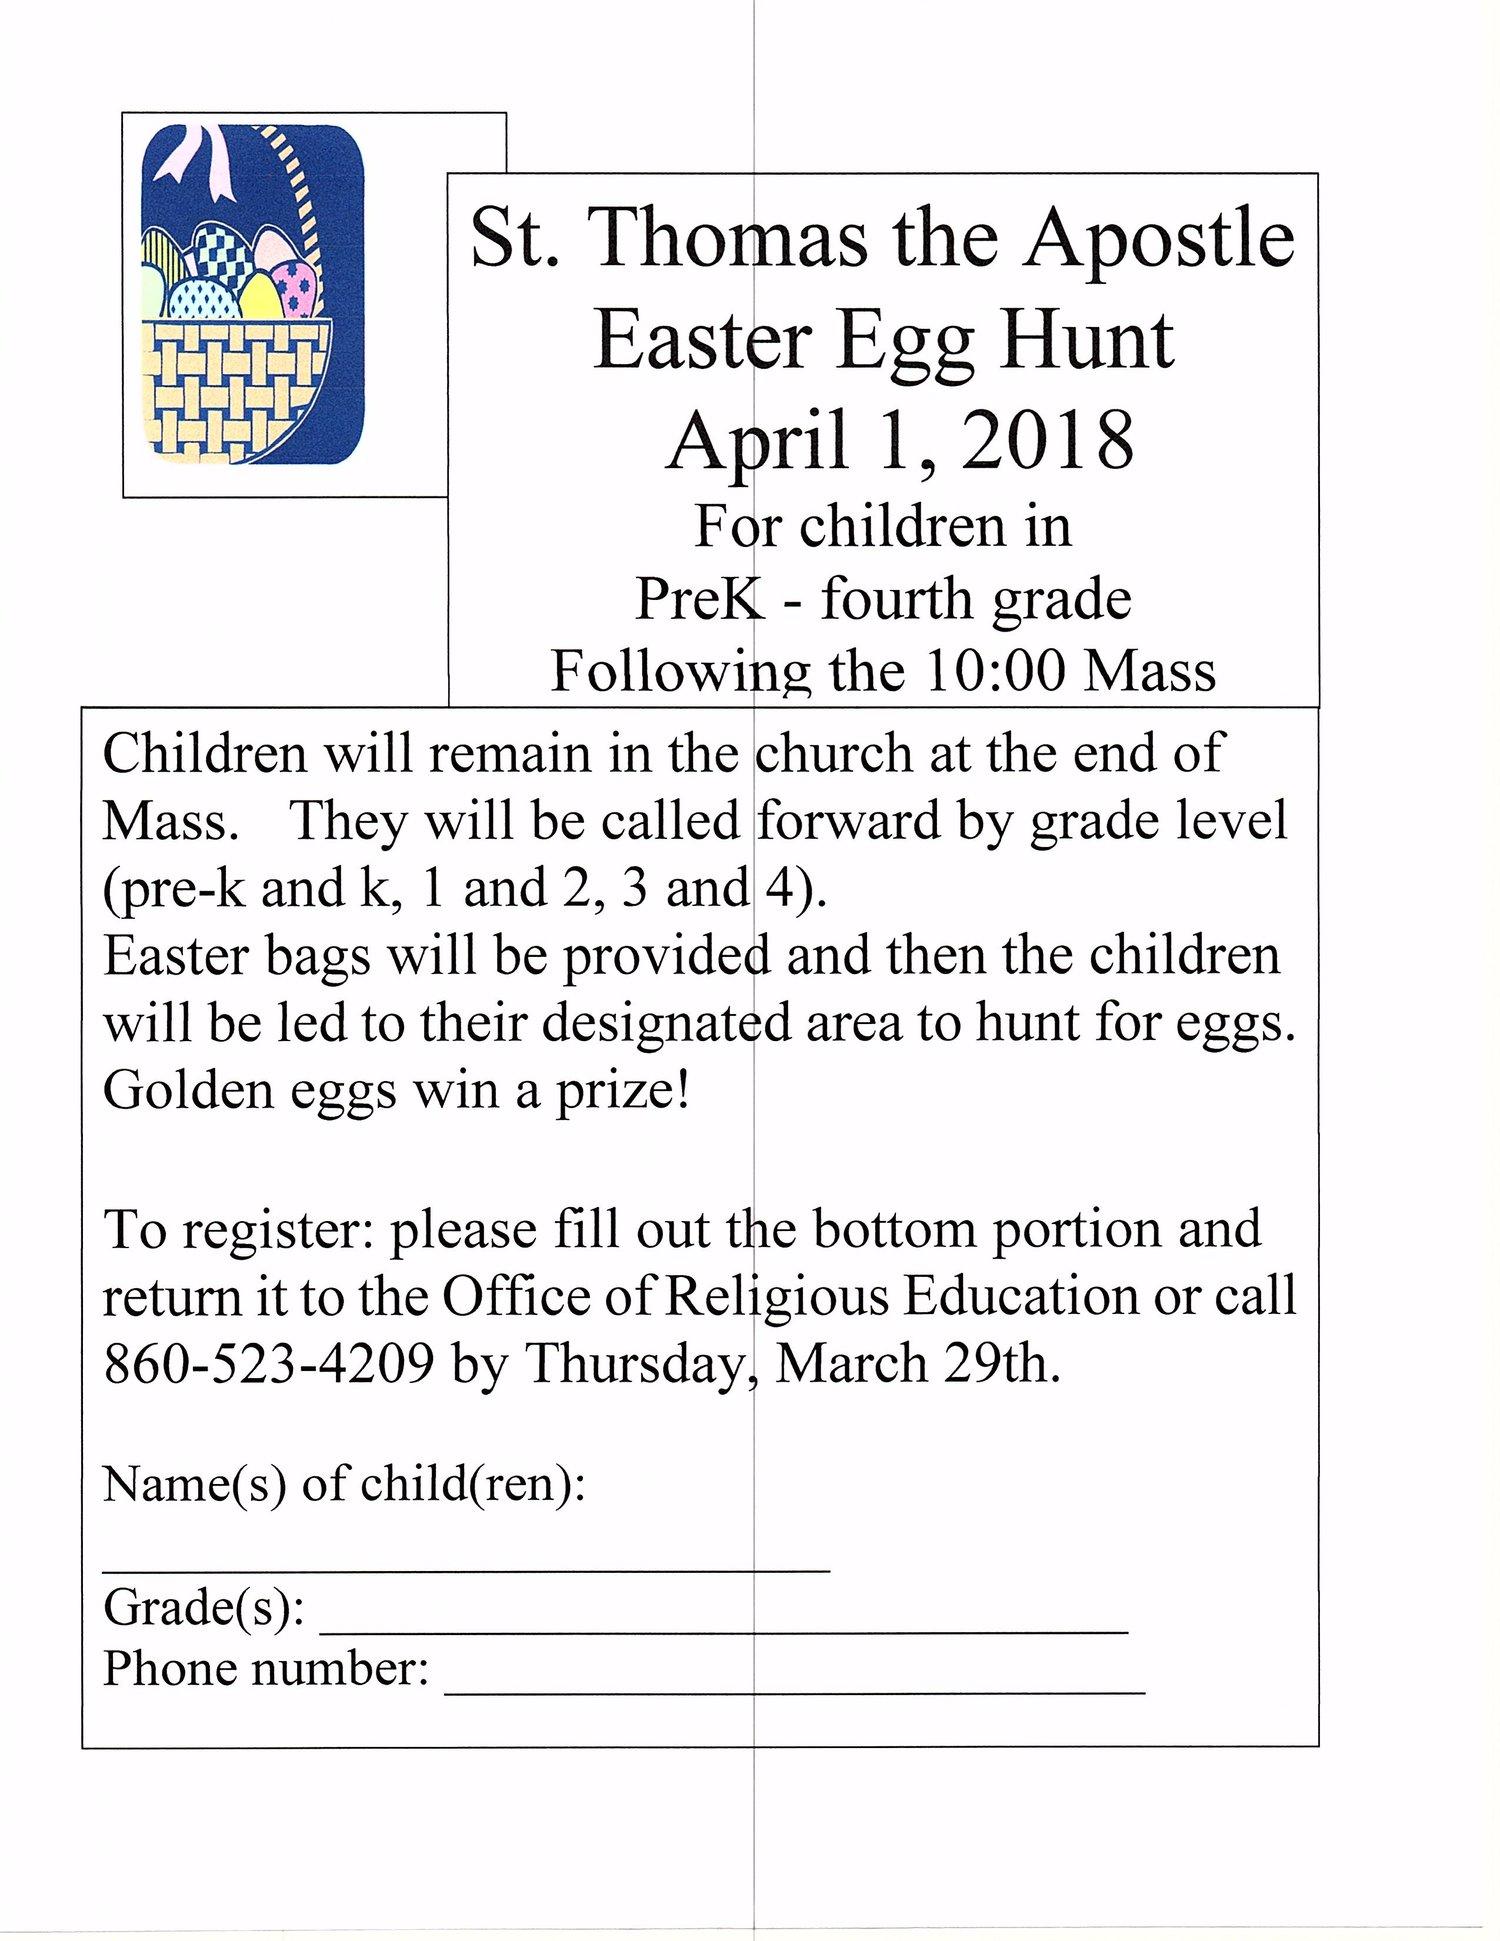 Easter Egg Hunt Registration Deadline — St  Thomas the